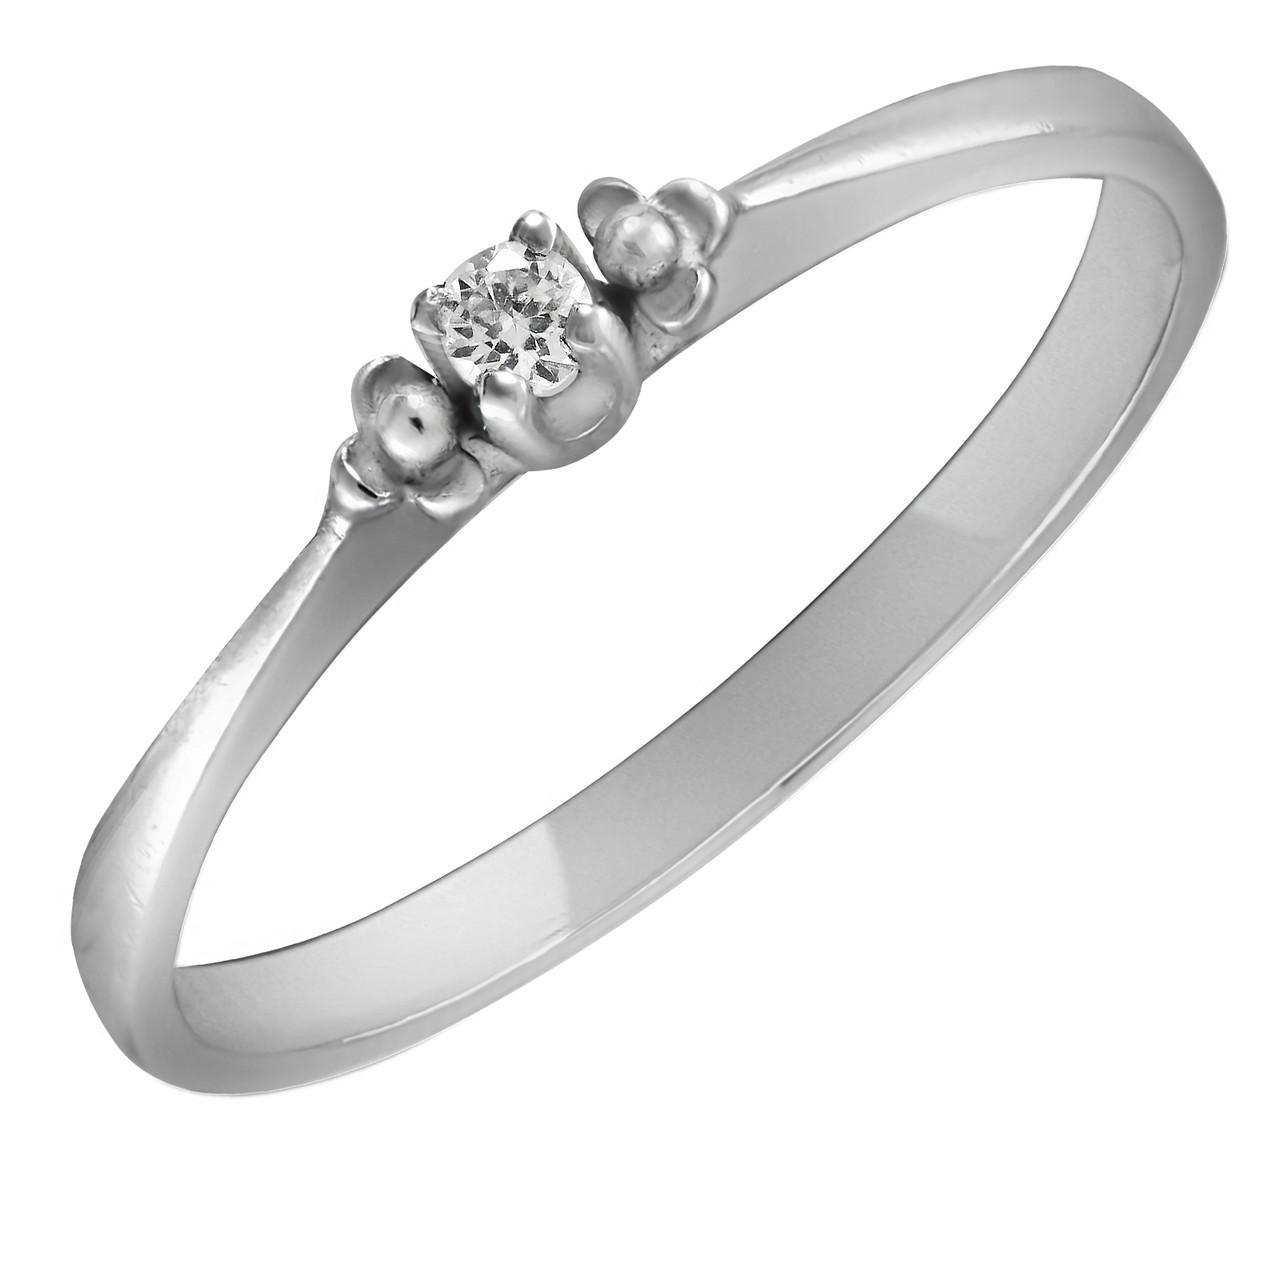 Кольцо из серебра с цирконием Twiddle Jewelry 19.5 (К003-19.5)